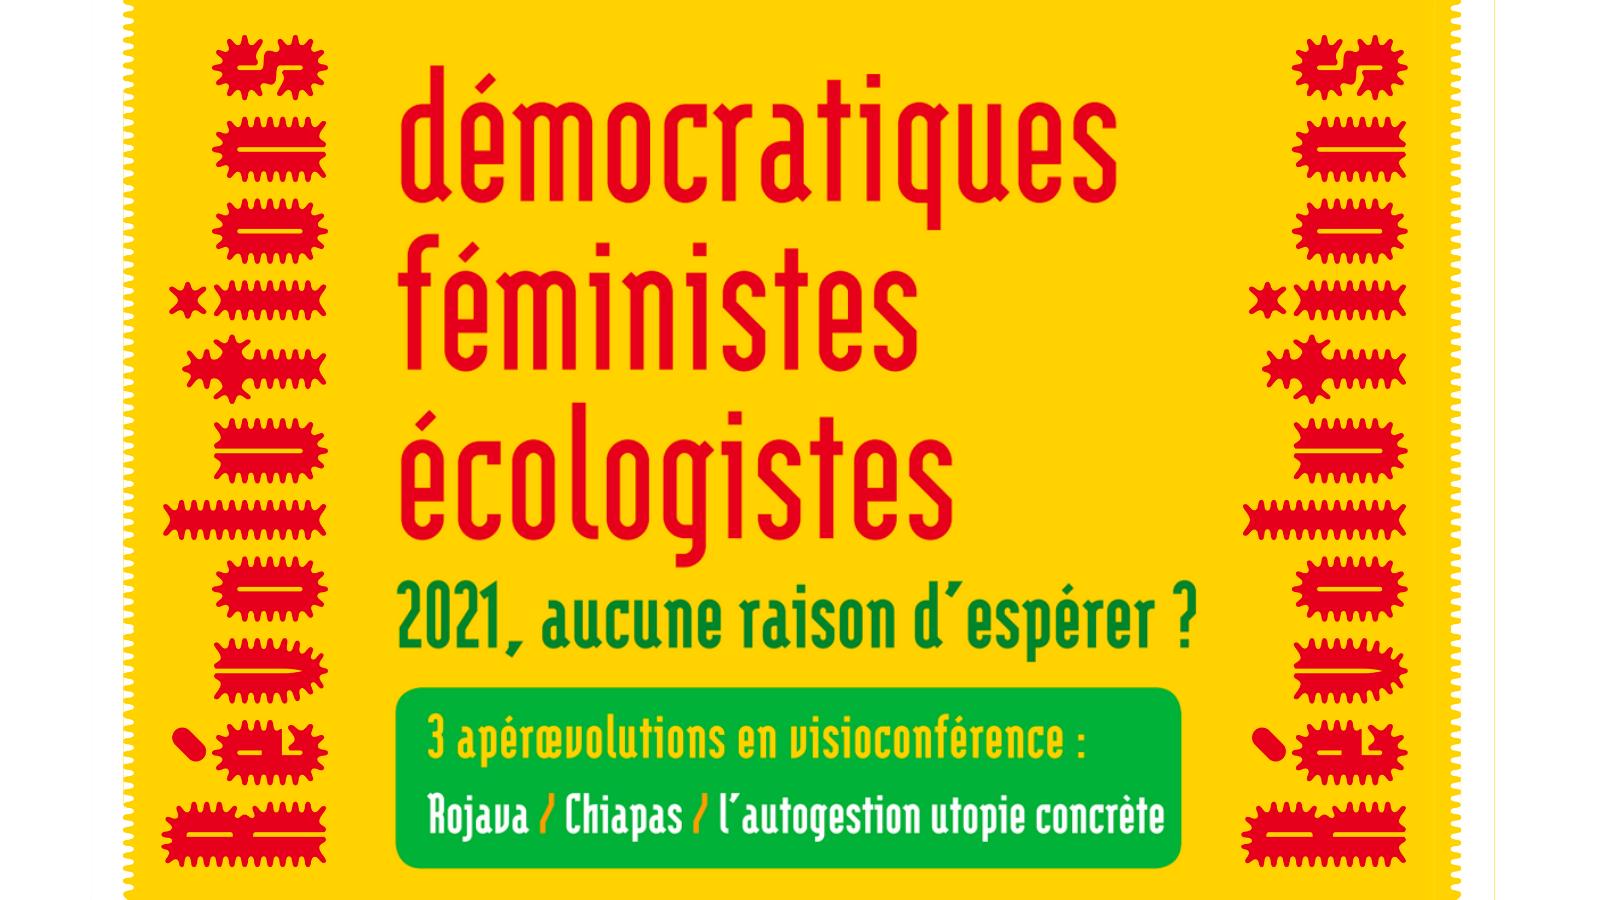 Solidaires 30 vous invite à un cycle d'apéroevolutions en visioconférence !